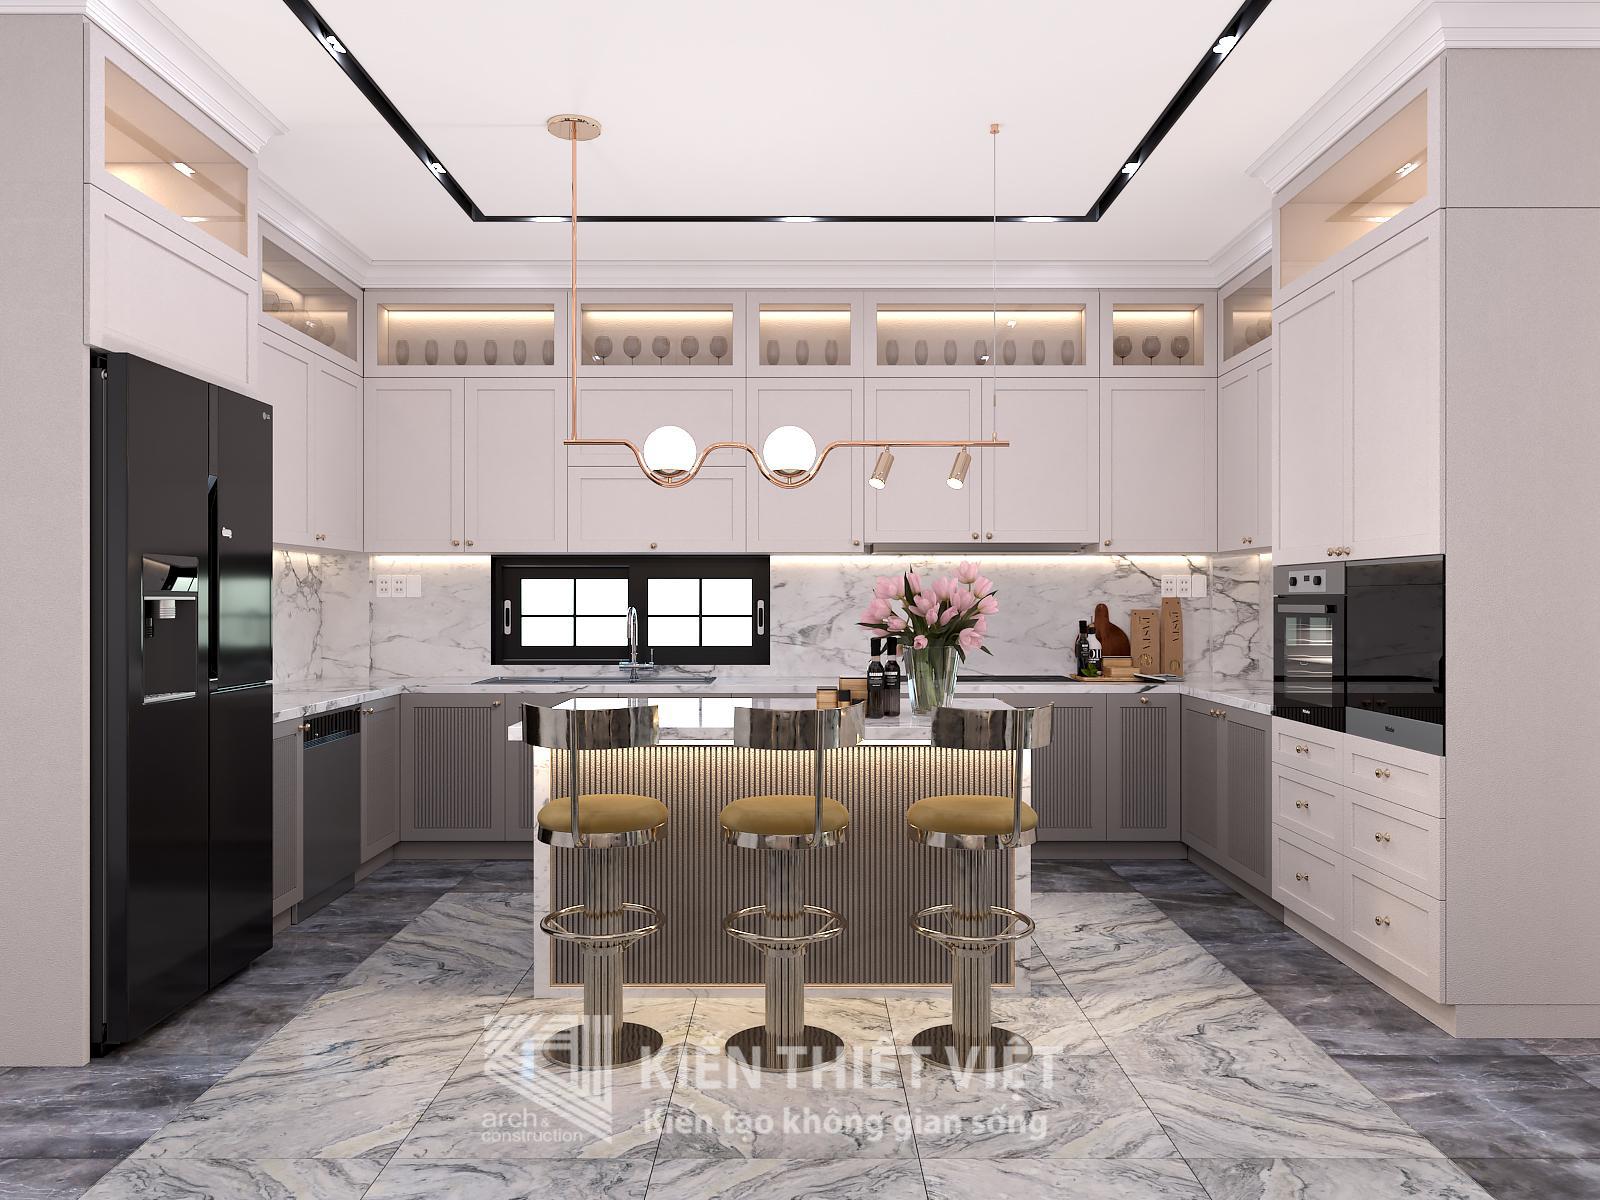 Thiết kế nội thất Nhà Mặt Phố tại Hồ Chí Minh Nhà phố Vườn Lài Tân Phú 1593399393 23